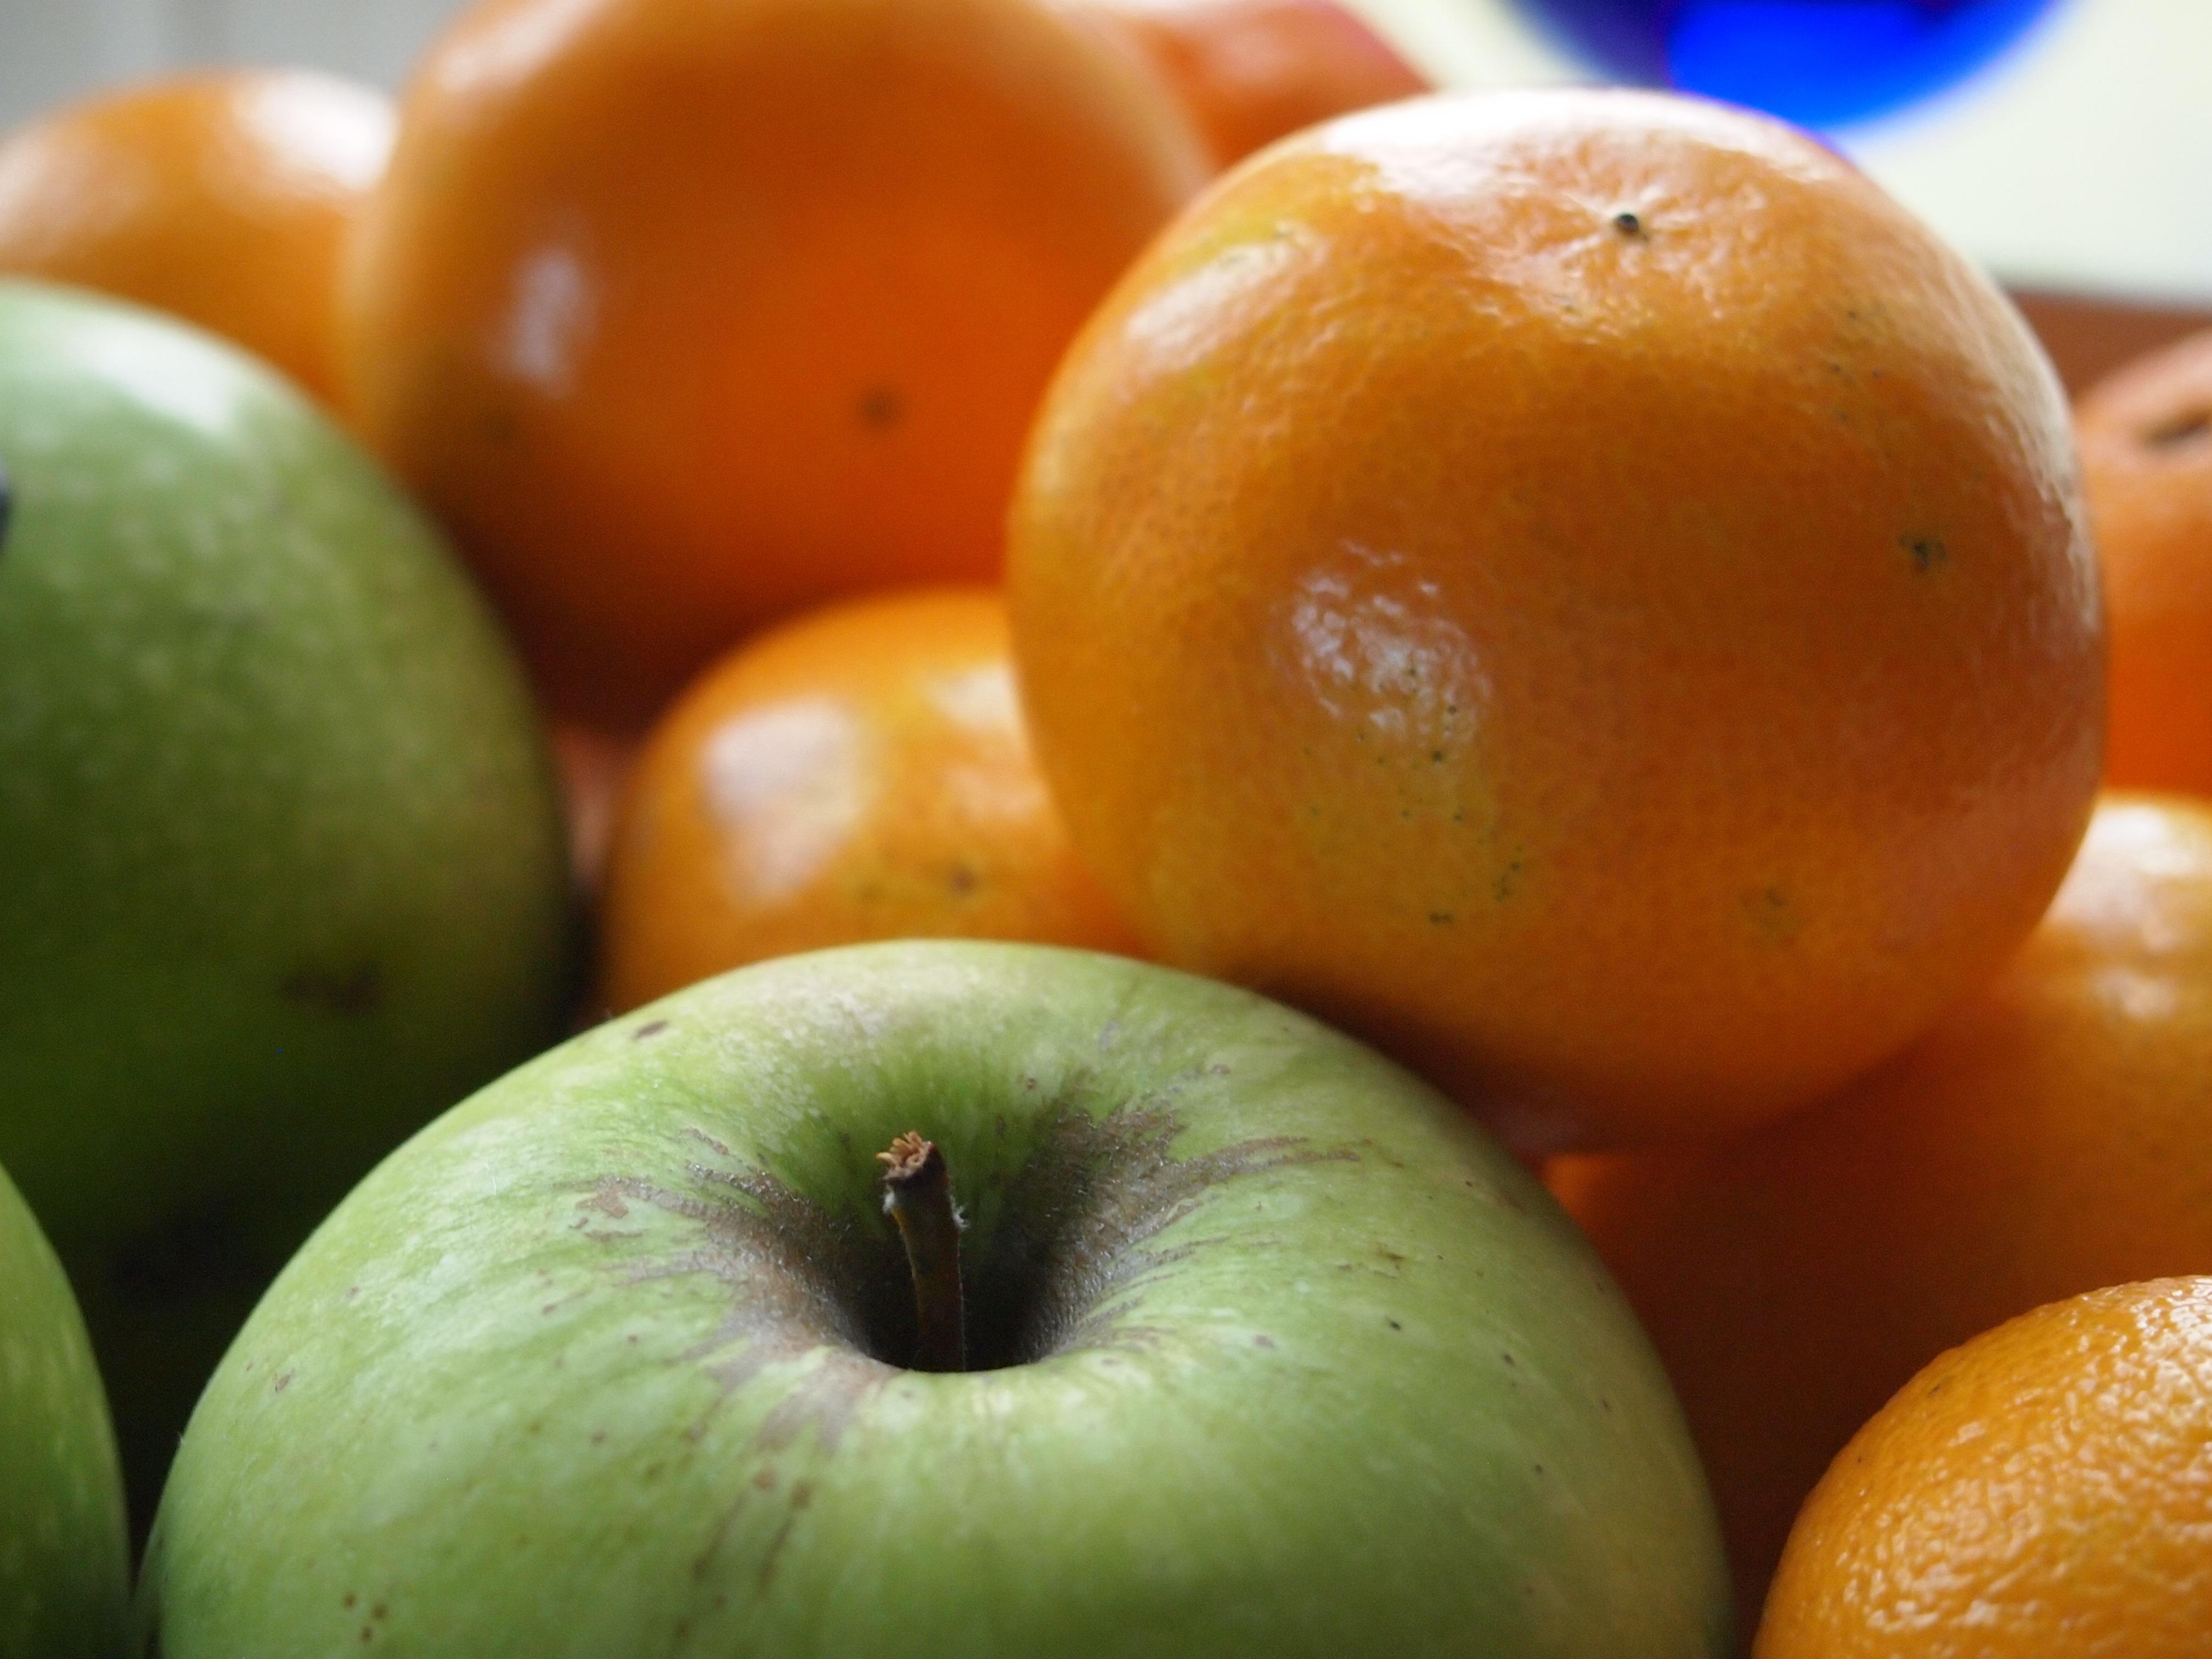 яблоко и апельсин в одной картинке усилий нужно, только